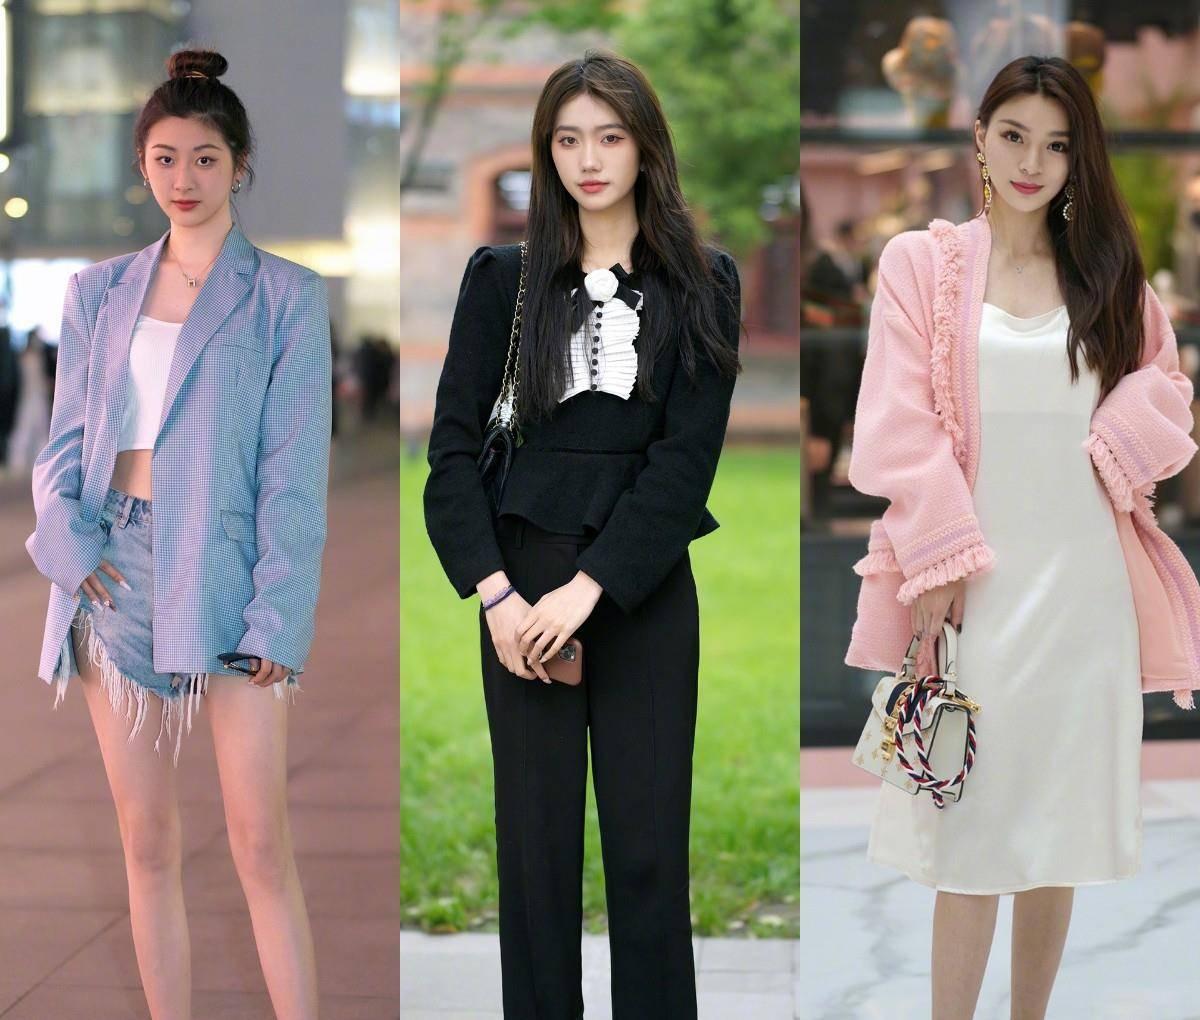 杭州女生真会穿,瞧她们的初夏街拍,时髦有气质,堪称穿搭范本